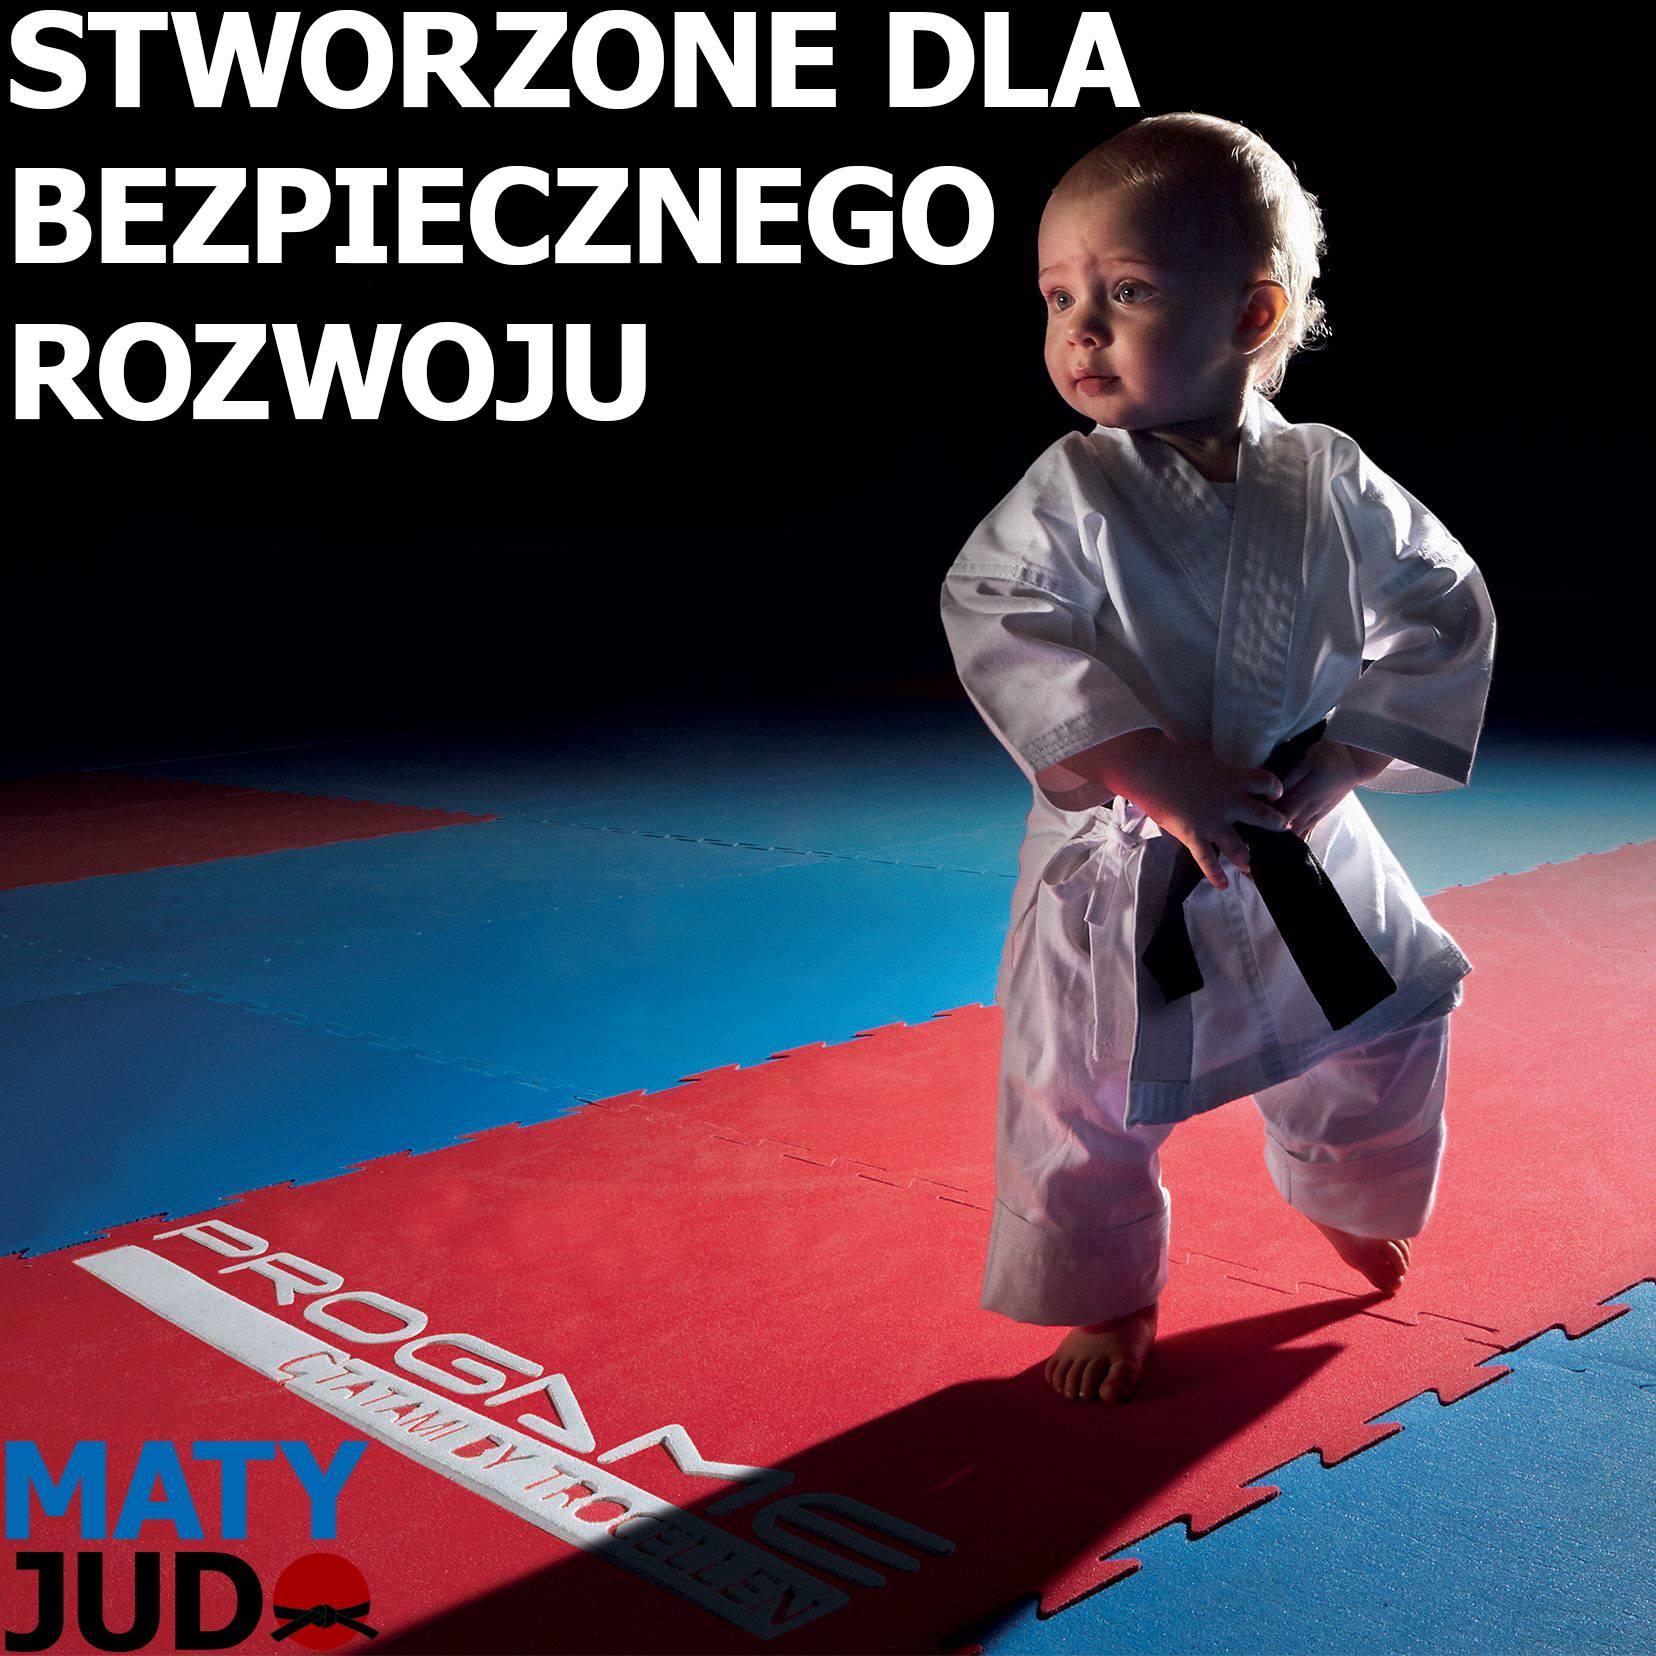 Maty Judo - TROCELLEN PROGAME - Stworzone dla bezpiecznego rozwoju